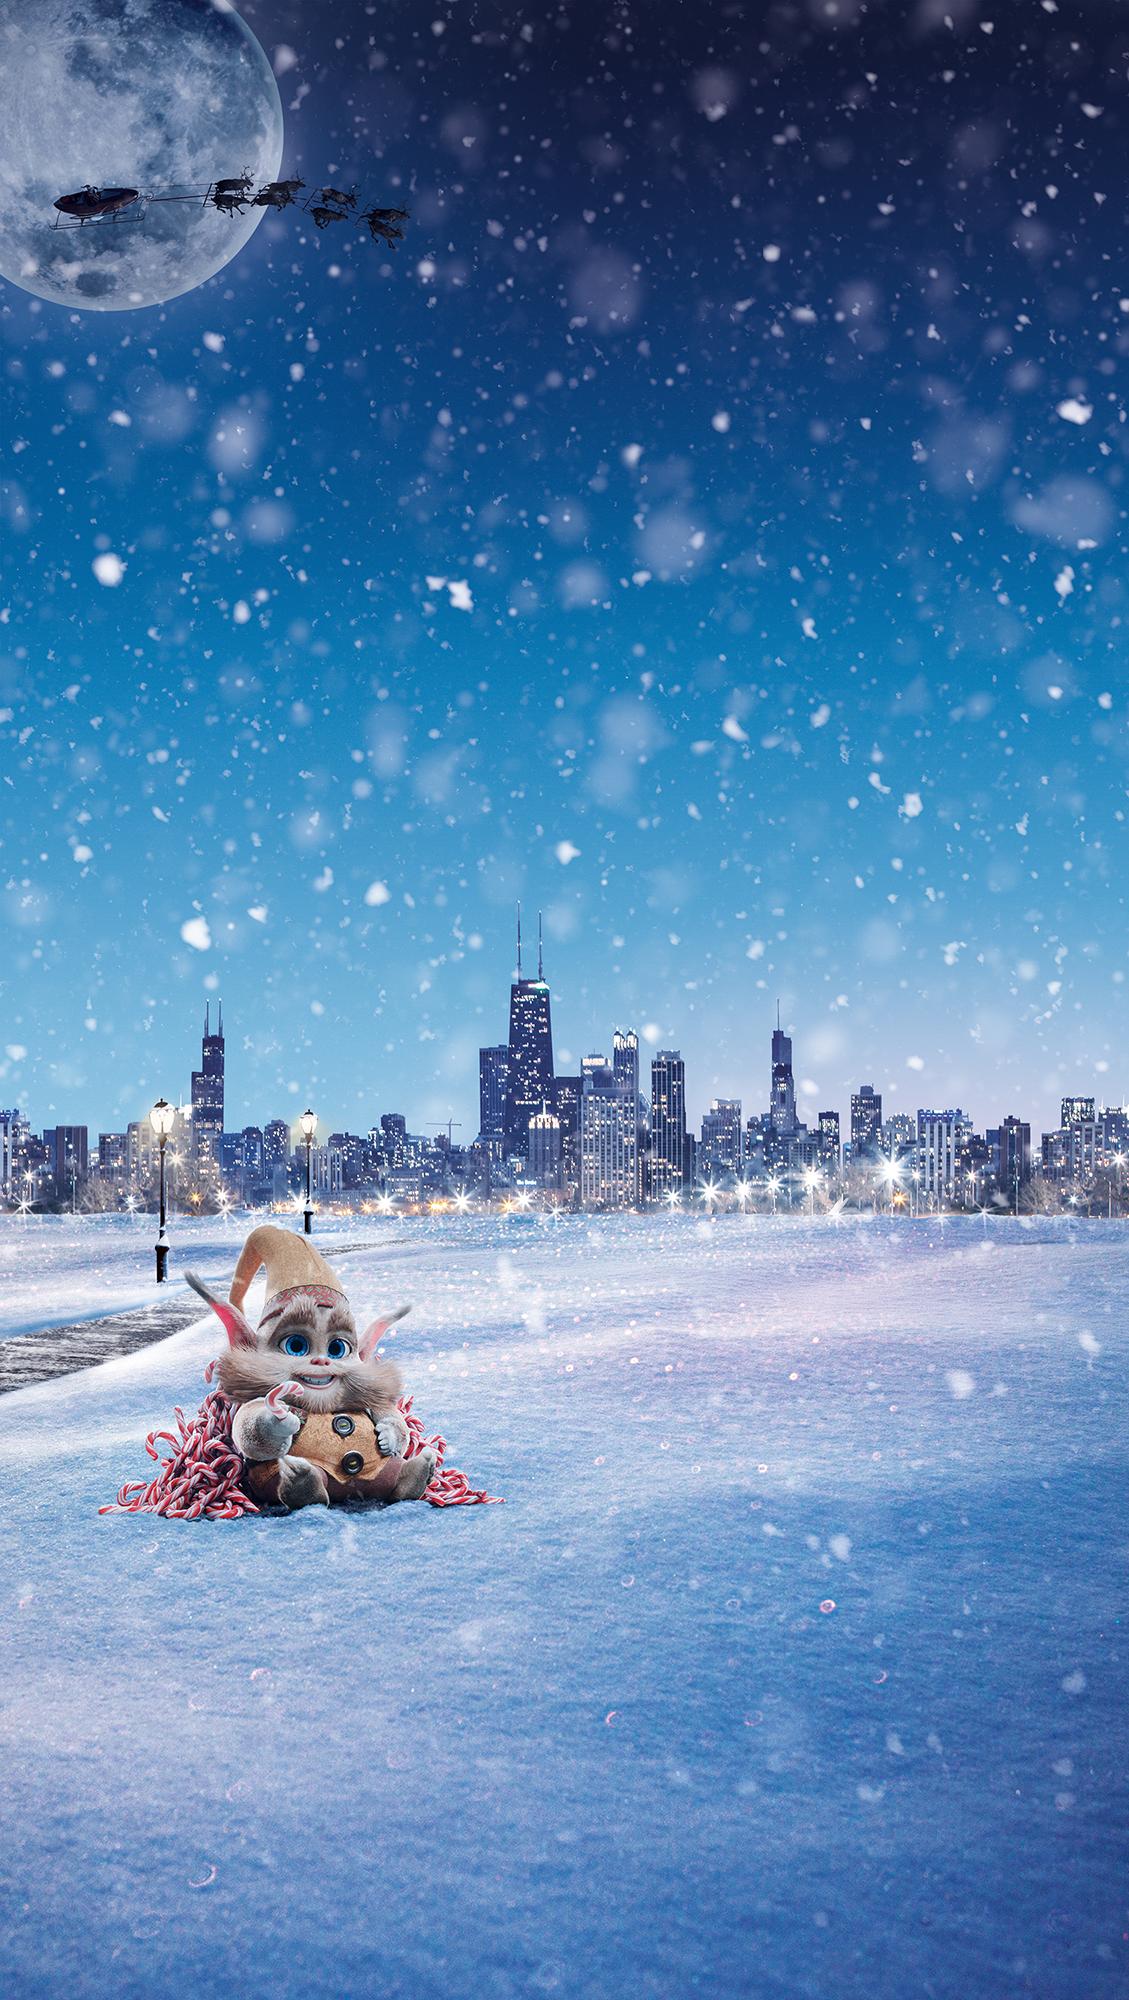 7843_O2_Christmas_Port_R7_Simp